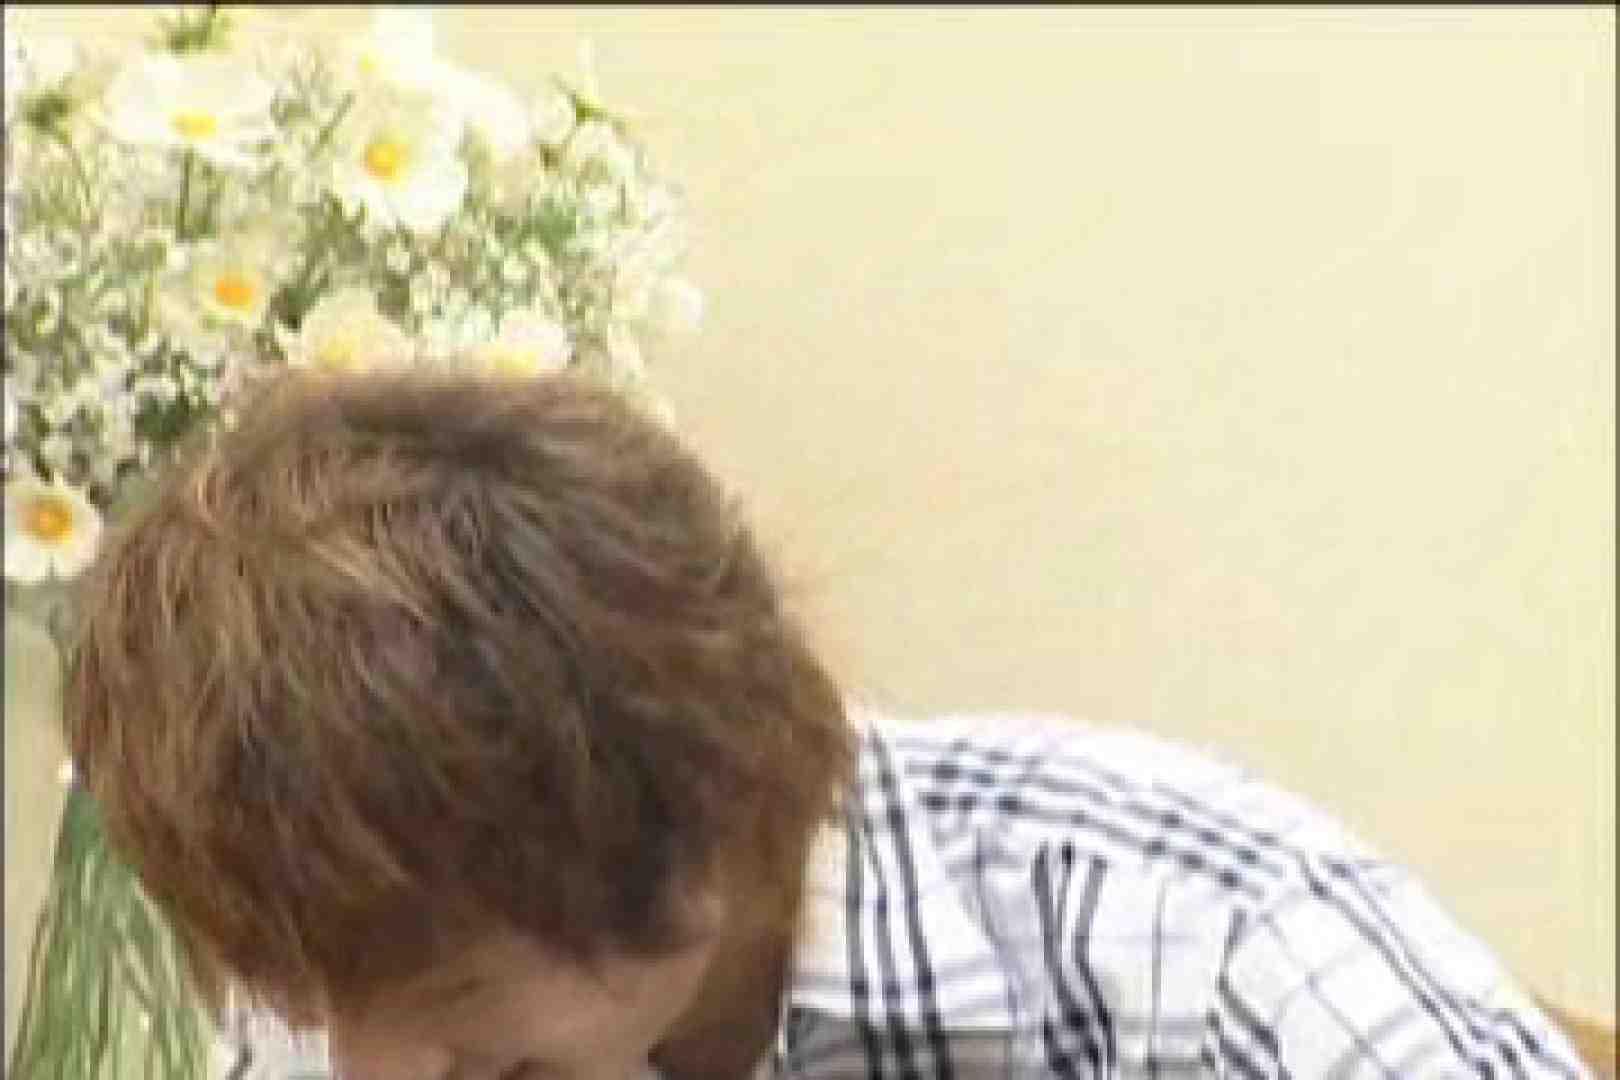 イケメン☆パラダイス〜男ざかりの君たちへ〜vol.10 お口で! ゲイエロビデオ画像 97pic 3